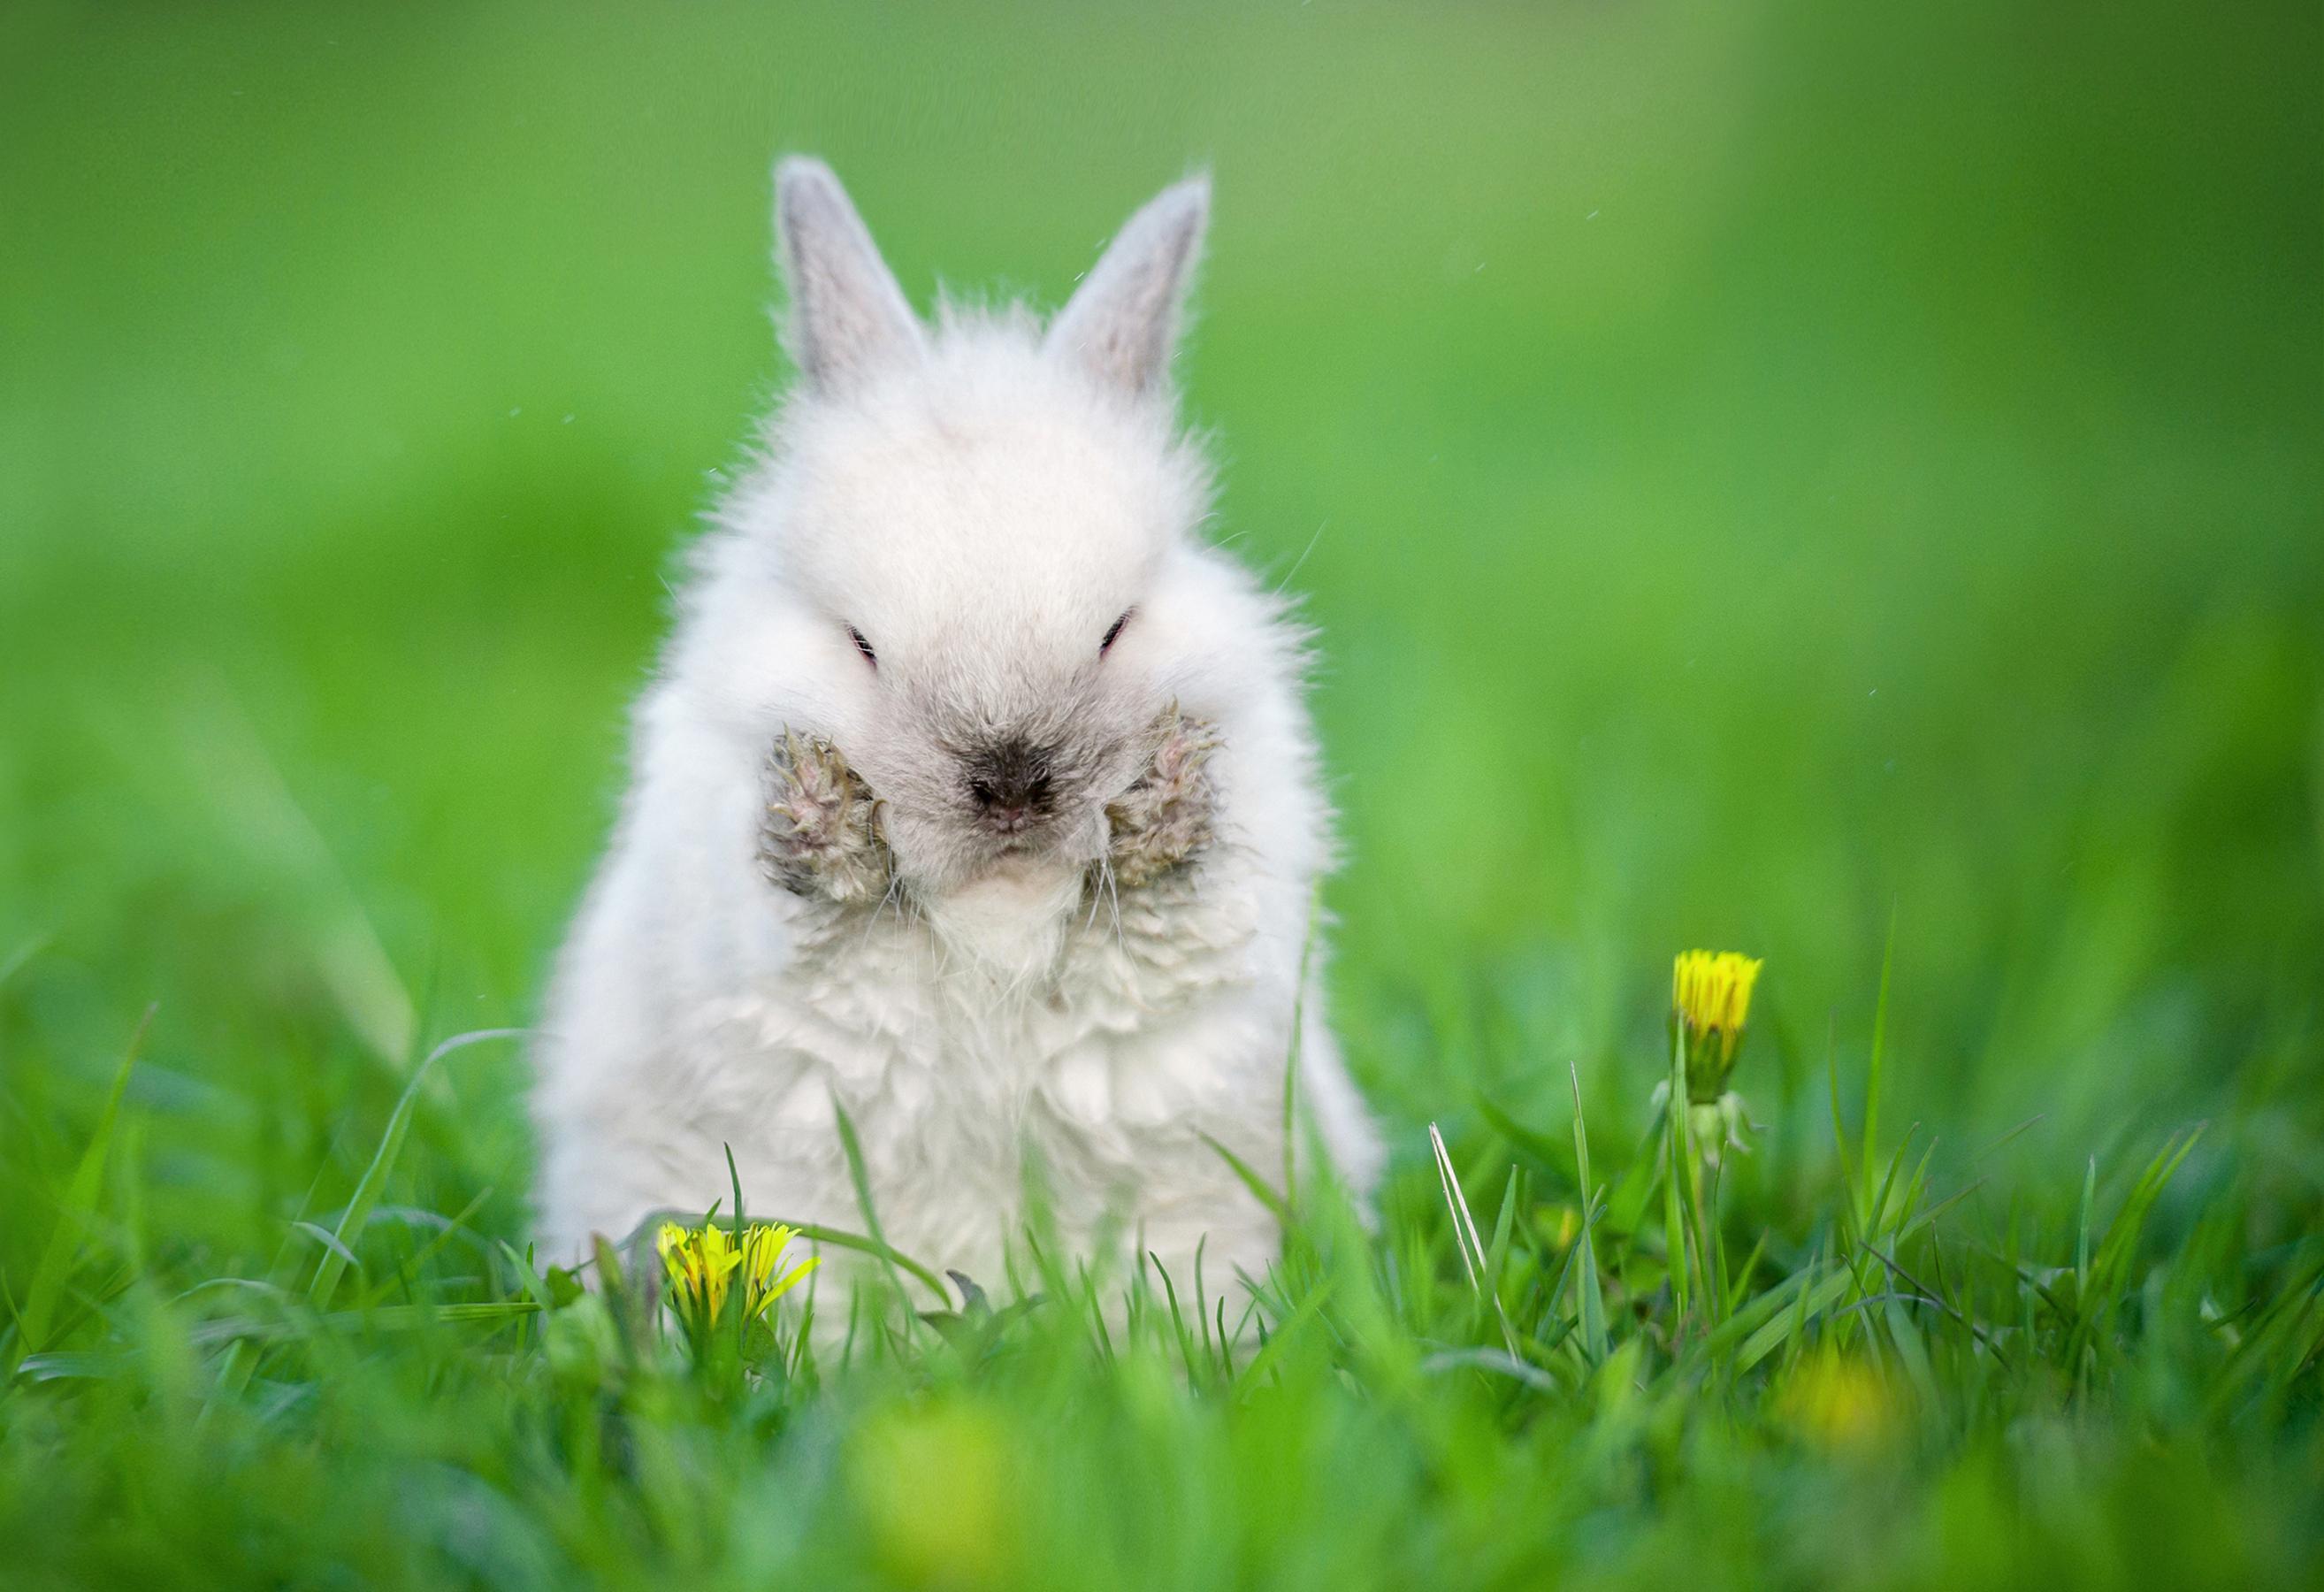 Vaccinet mot kaningulsot tar tio dagar att verka vilket är viktigt att du som ägare har i åtanke. Prata med din veterinär om vaccinering av din kanin.